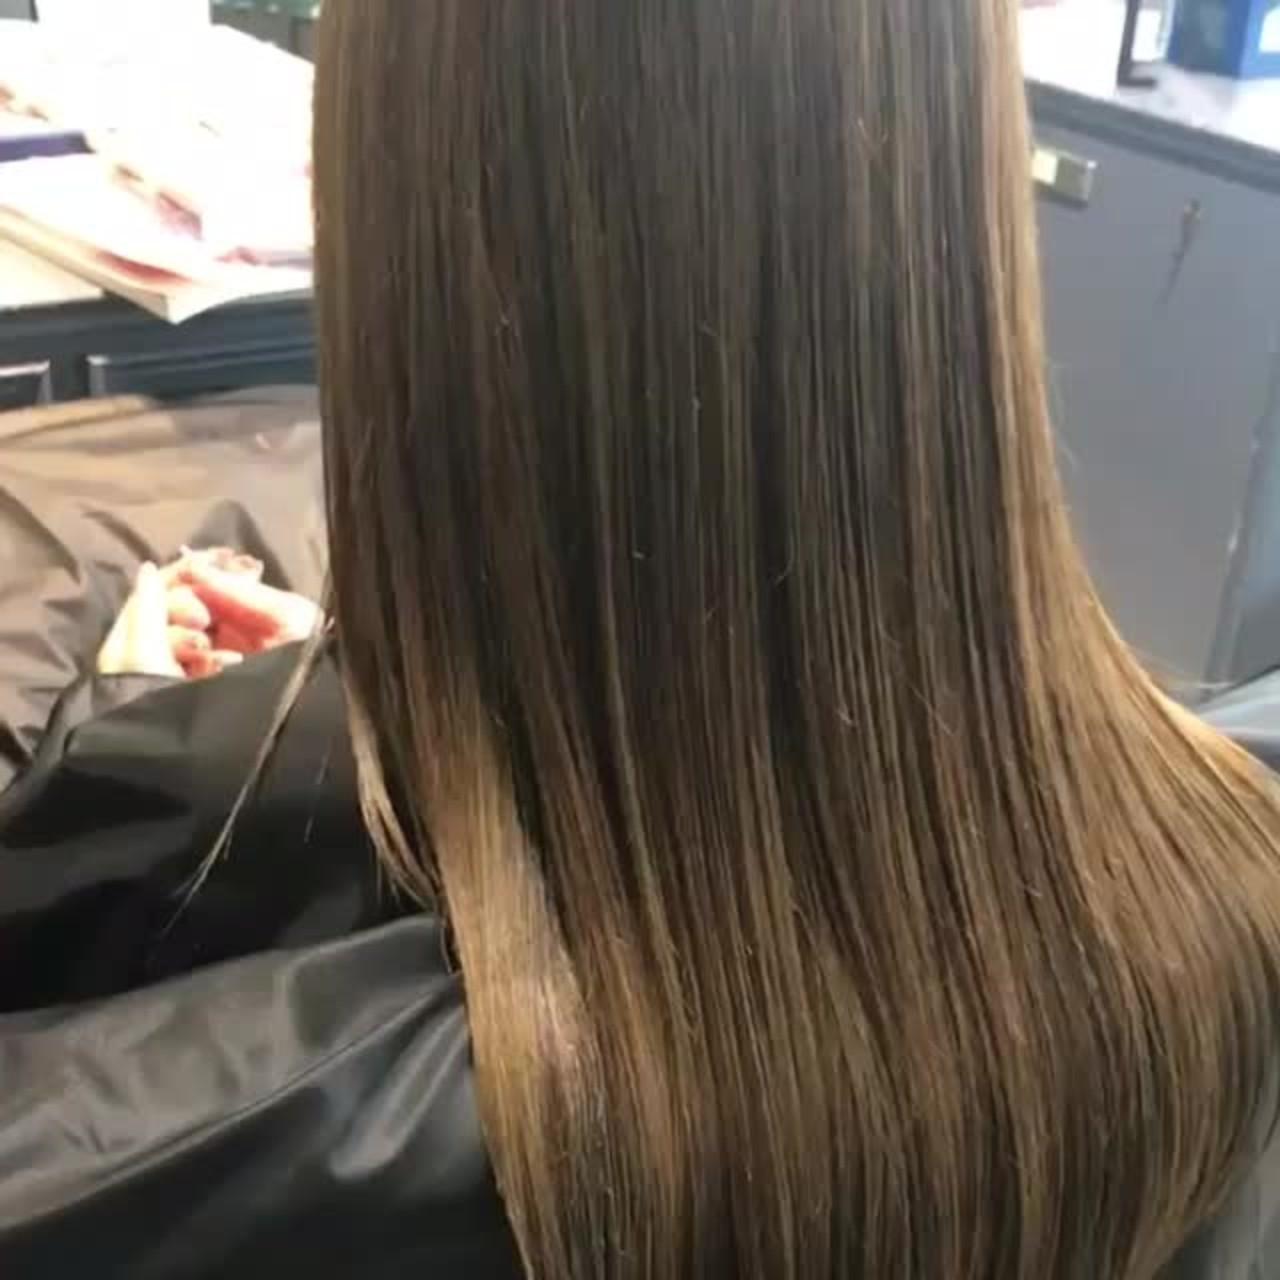 ロングの髪型!ストレートをヘアカラーでアレンジ6